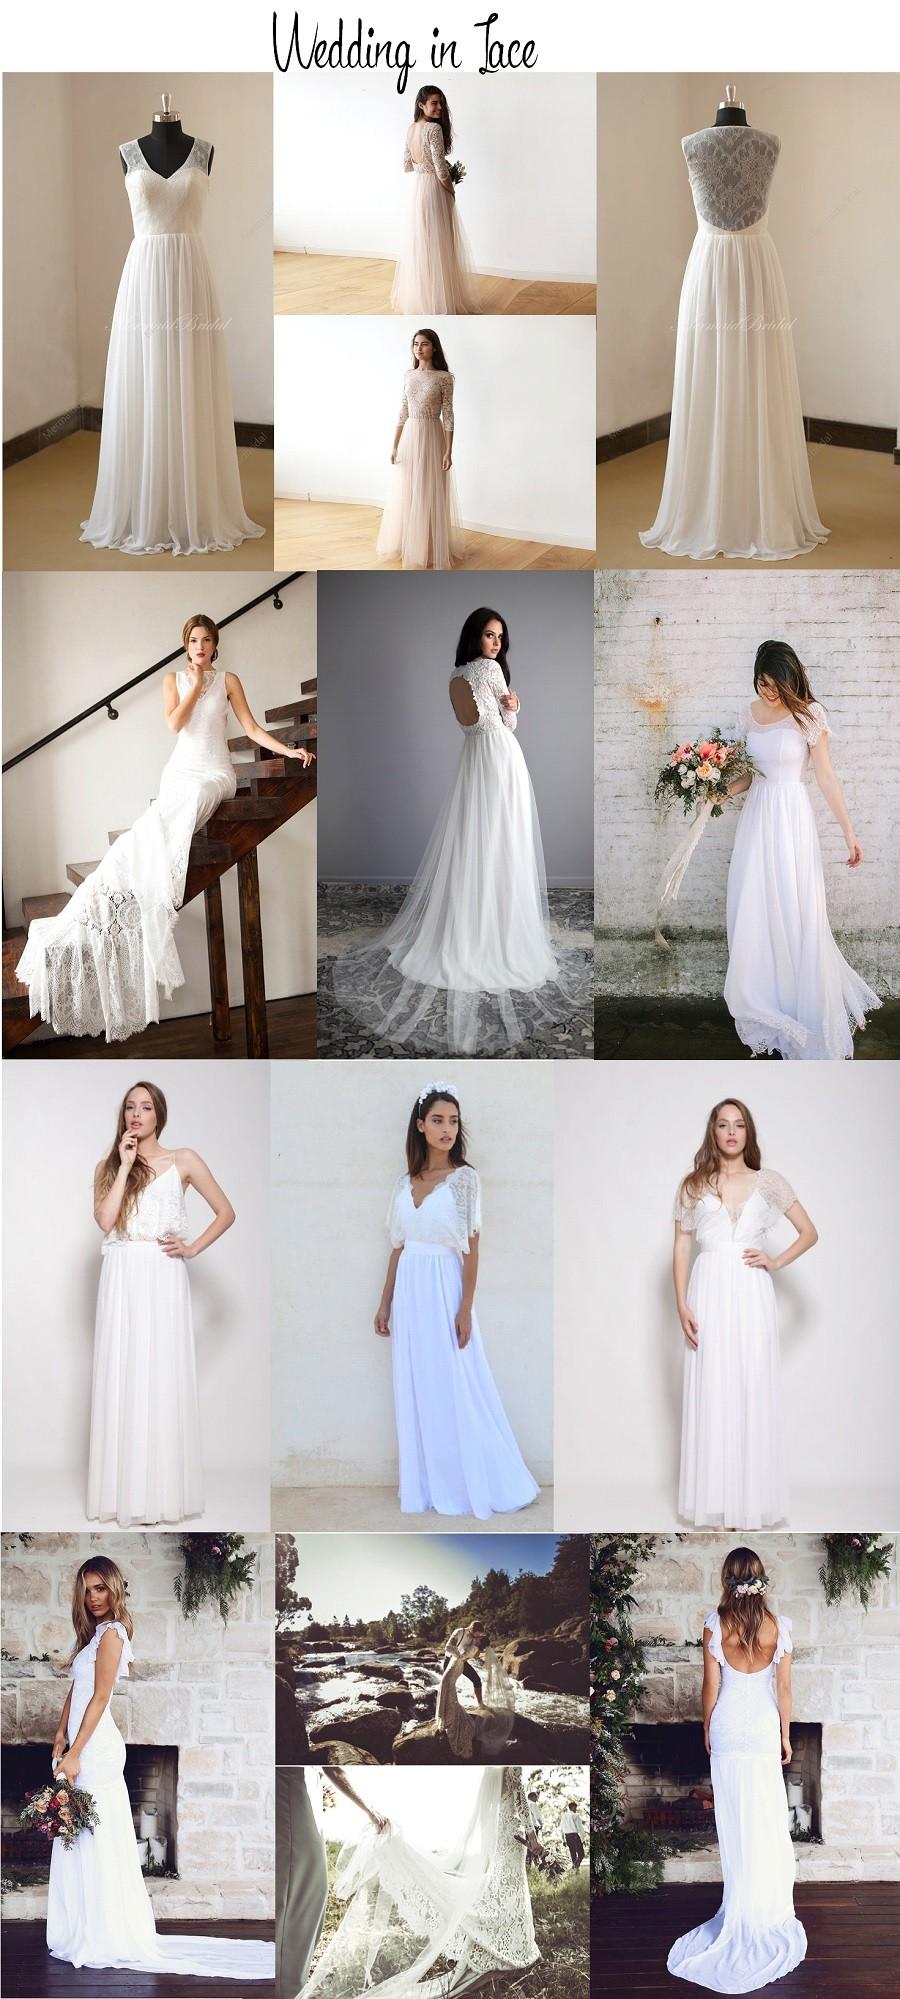 000 Shopping À 1 Mariée Une Robe Bohème Sélection € Moins De TFcK15u3lJ